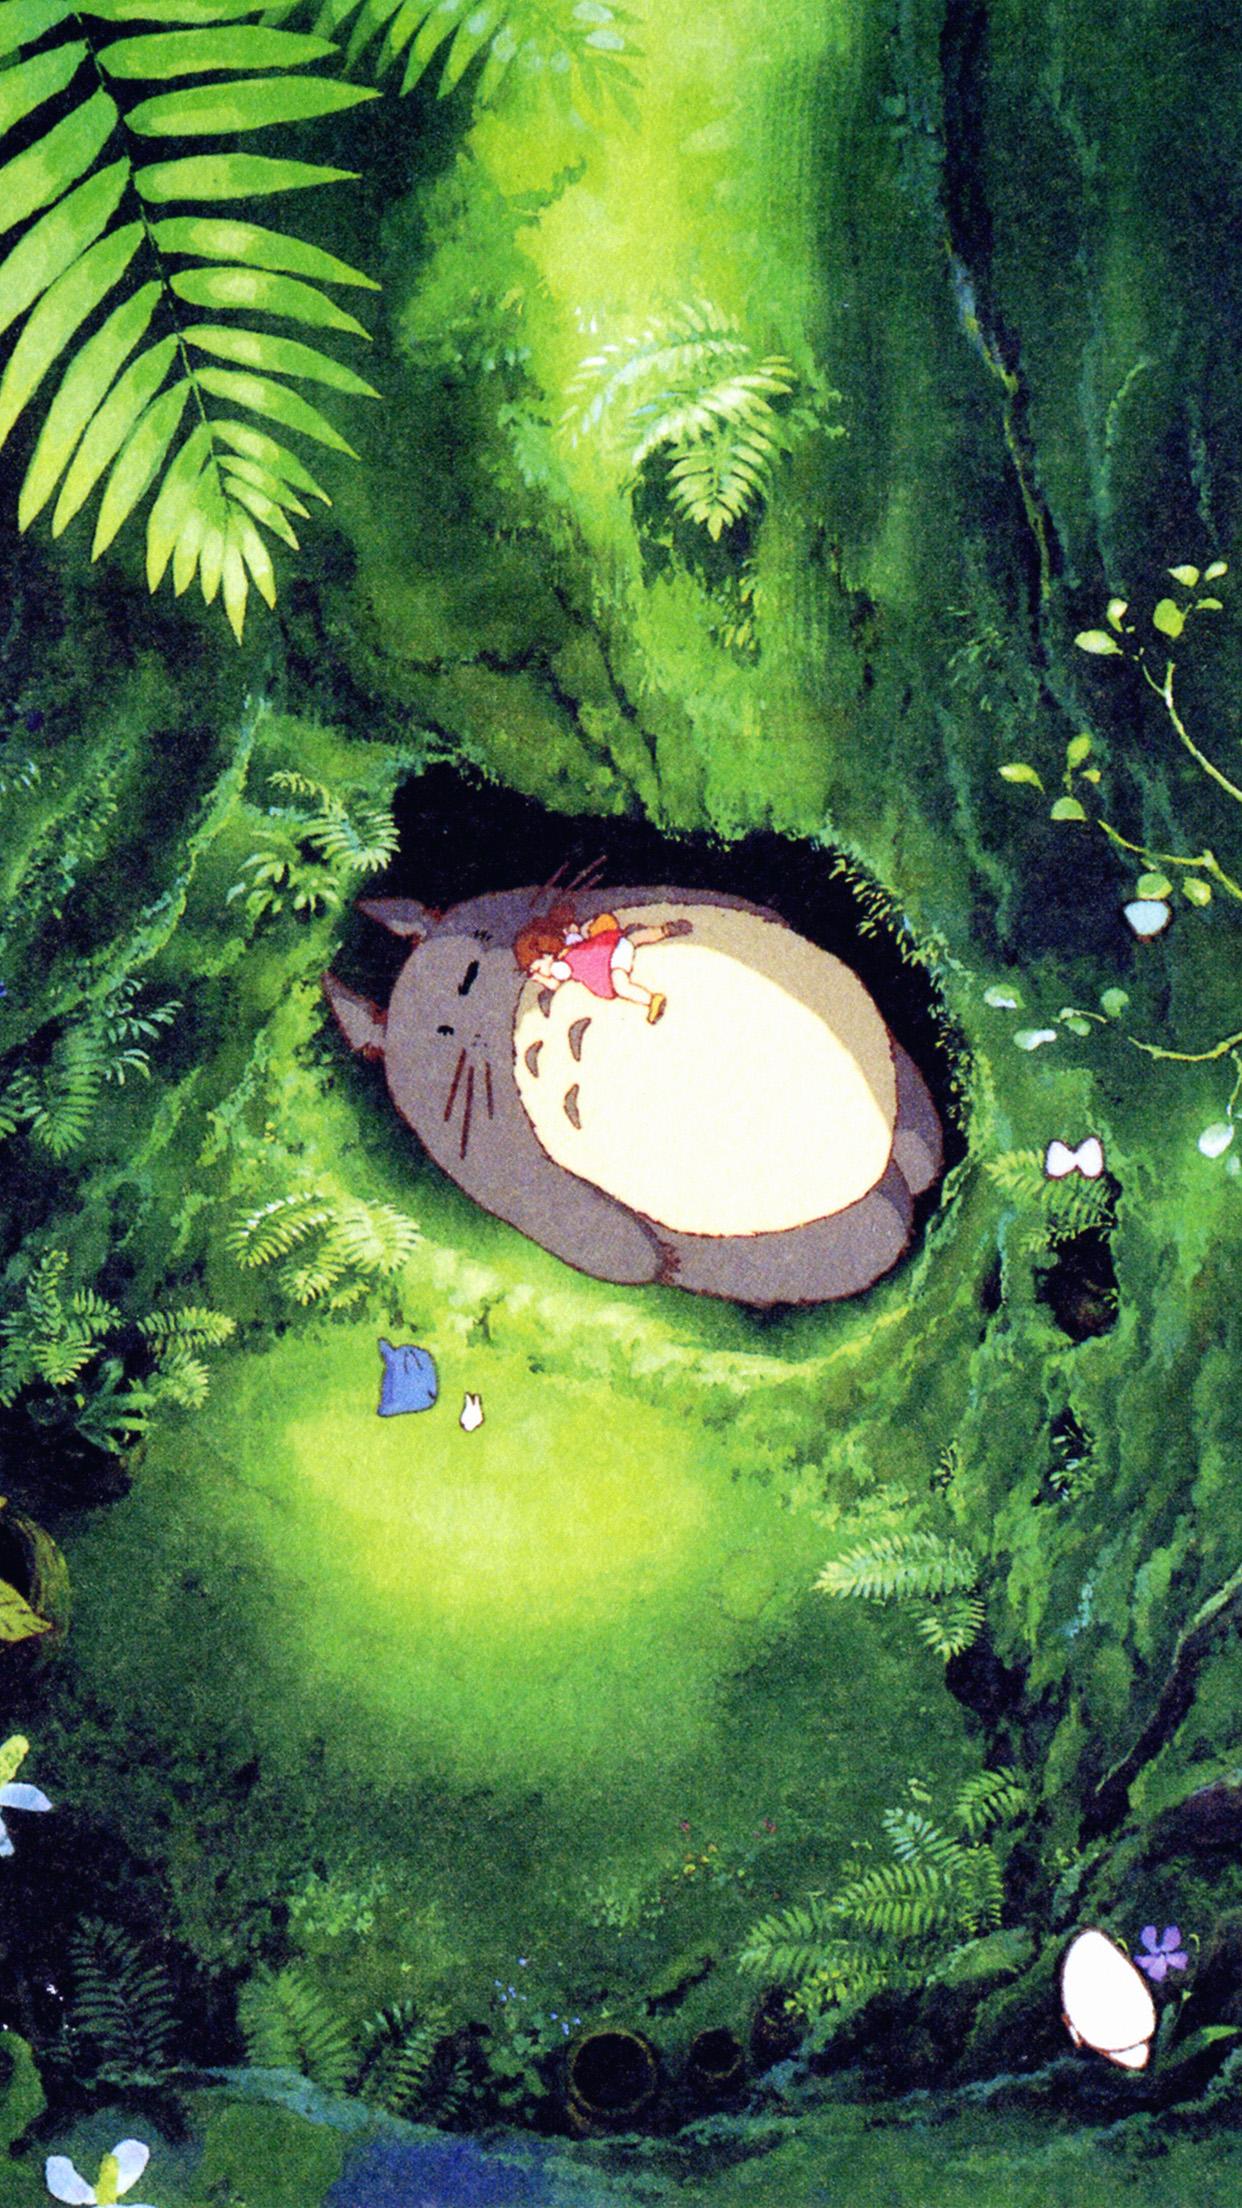 Iphone7papers Com Iphone7 Wallpaper Ap14 Japan Totoro Art Green